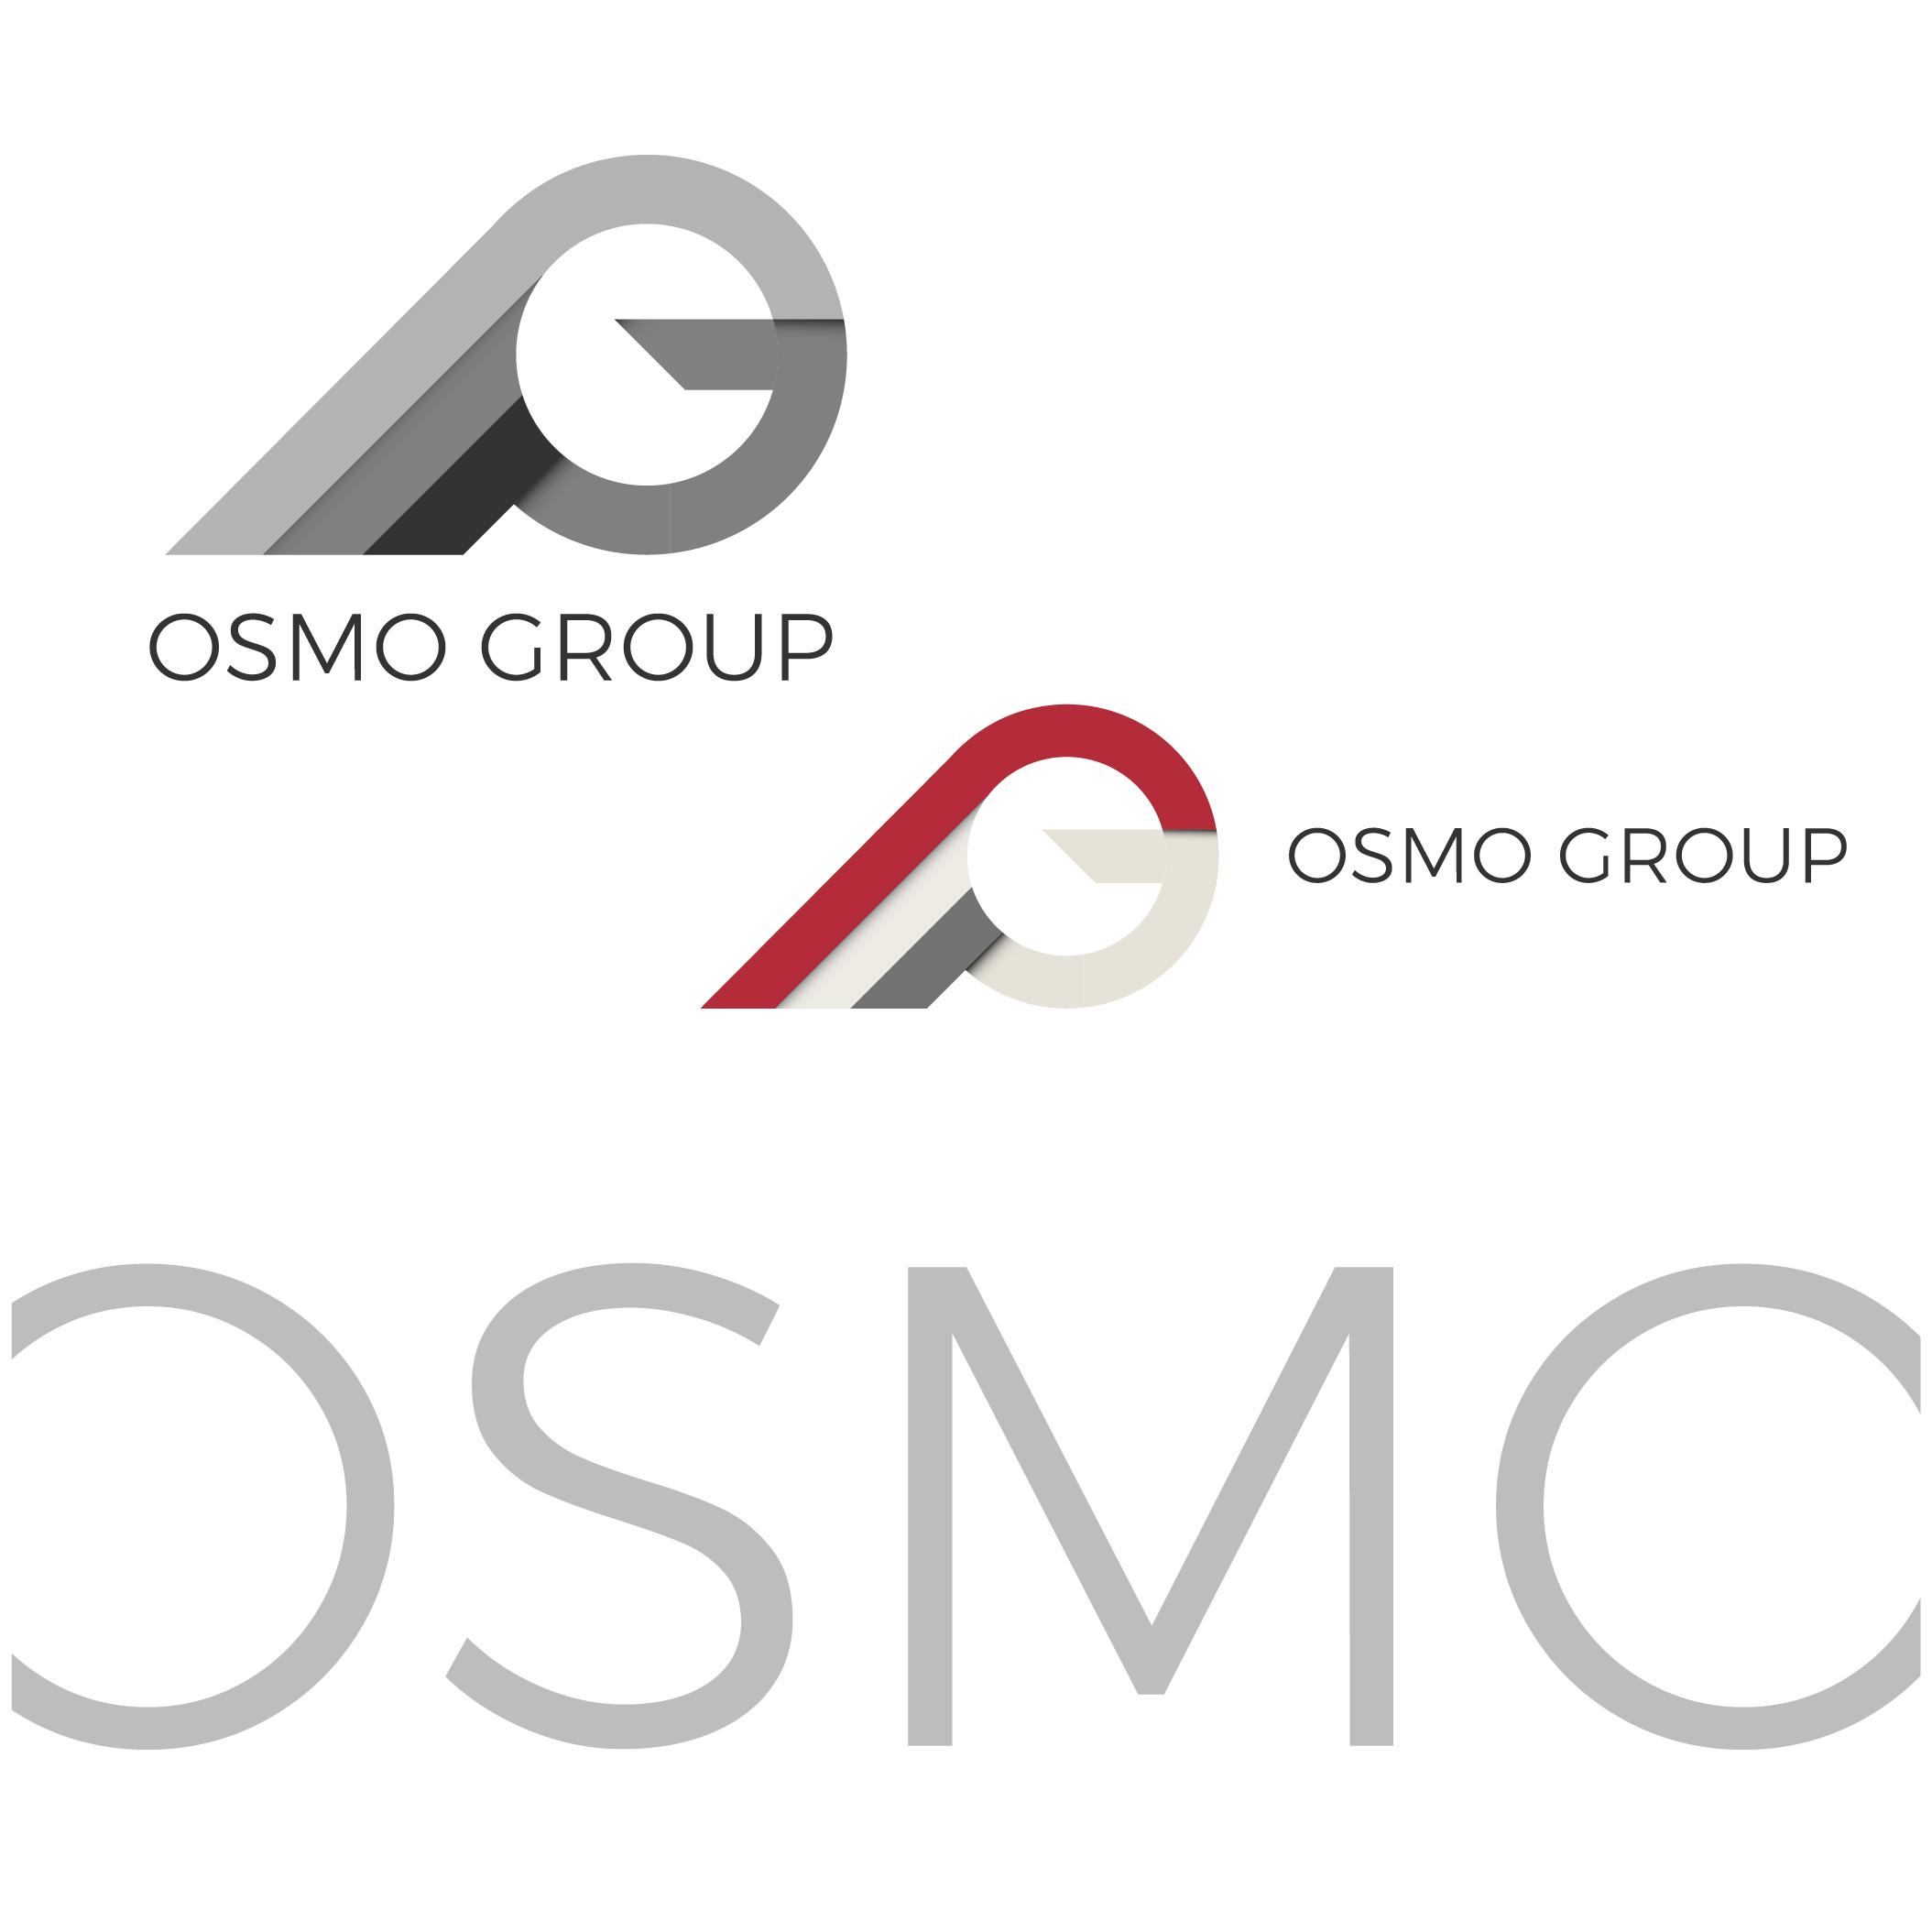 Создание логотипа для строительной компании OSMO group  фото f_86659b5a8b98593f.jpg